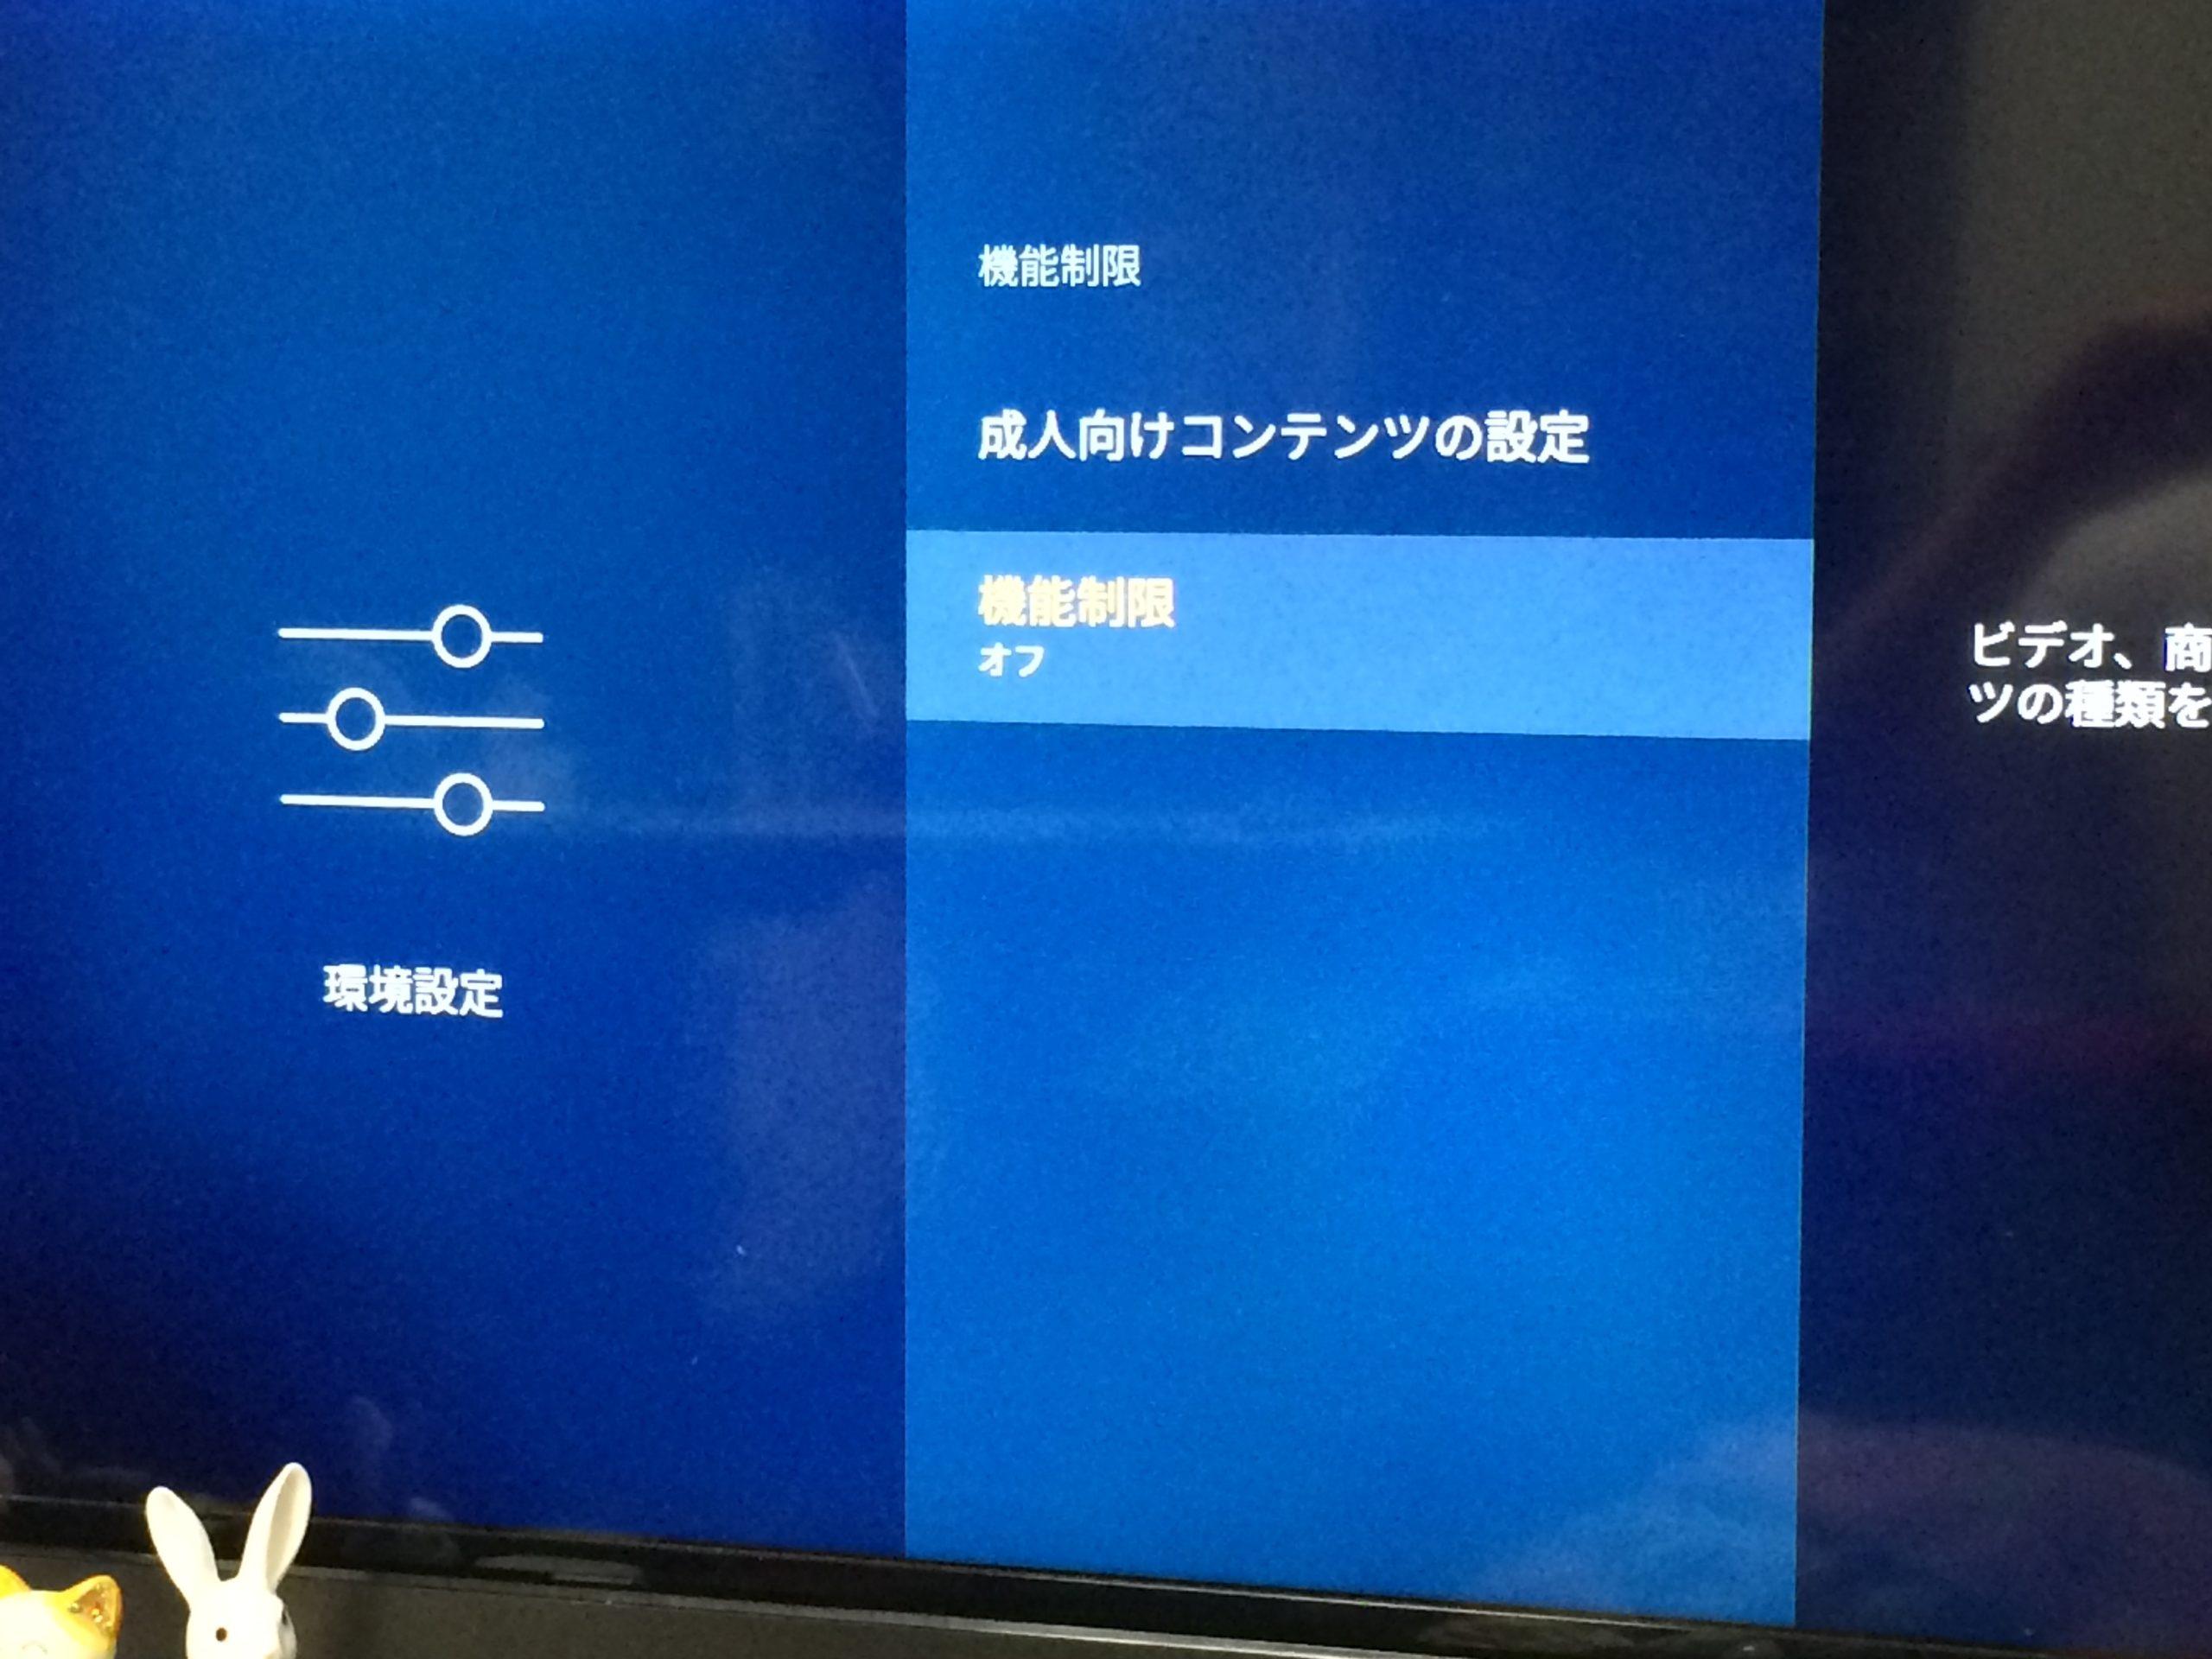 Fire TVからAmazonプライムビデオの視聴制限をかける